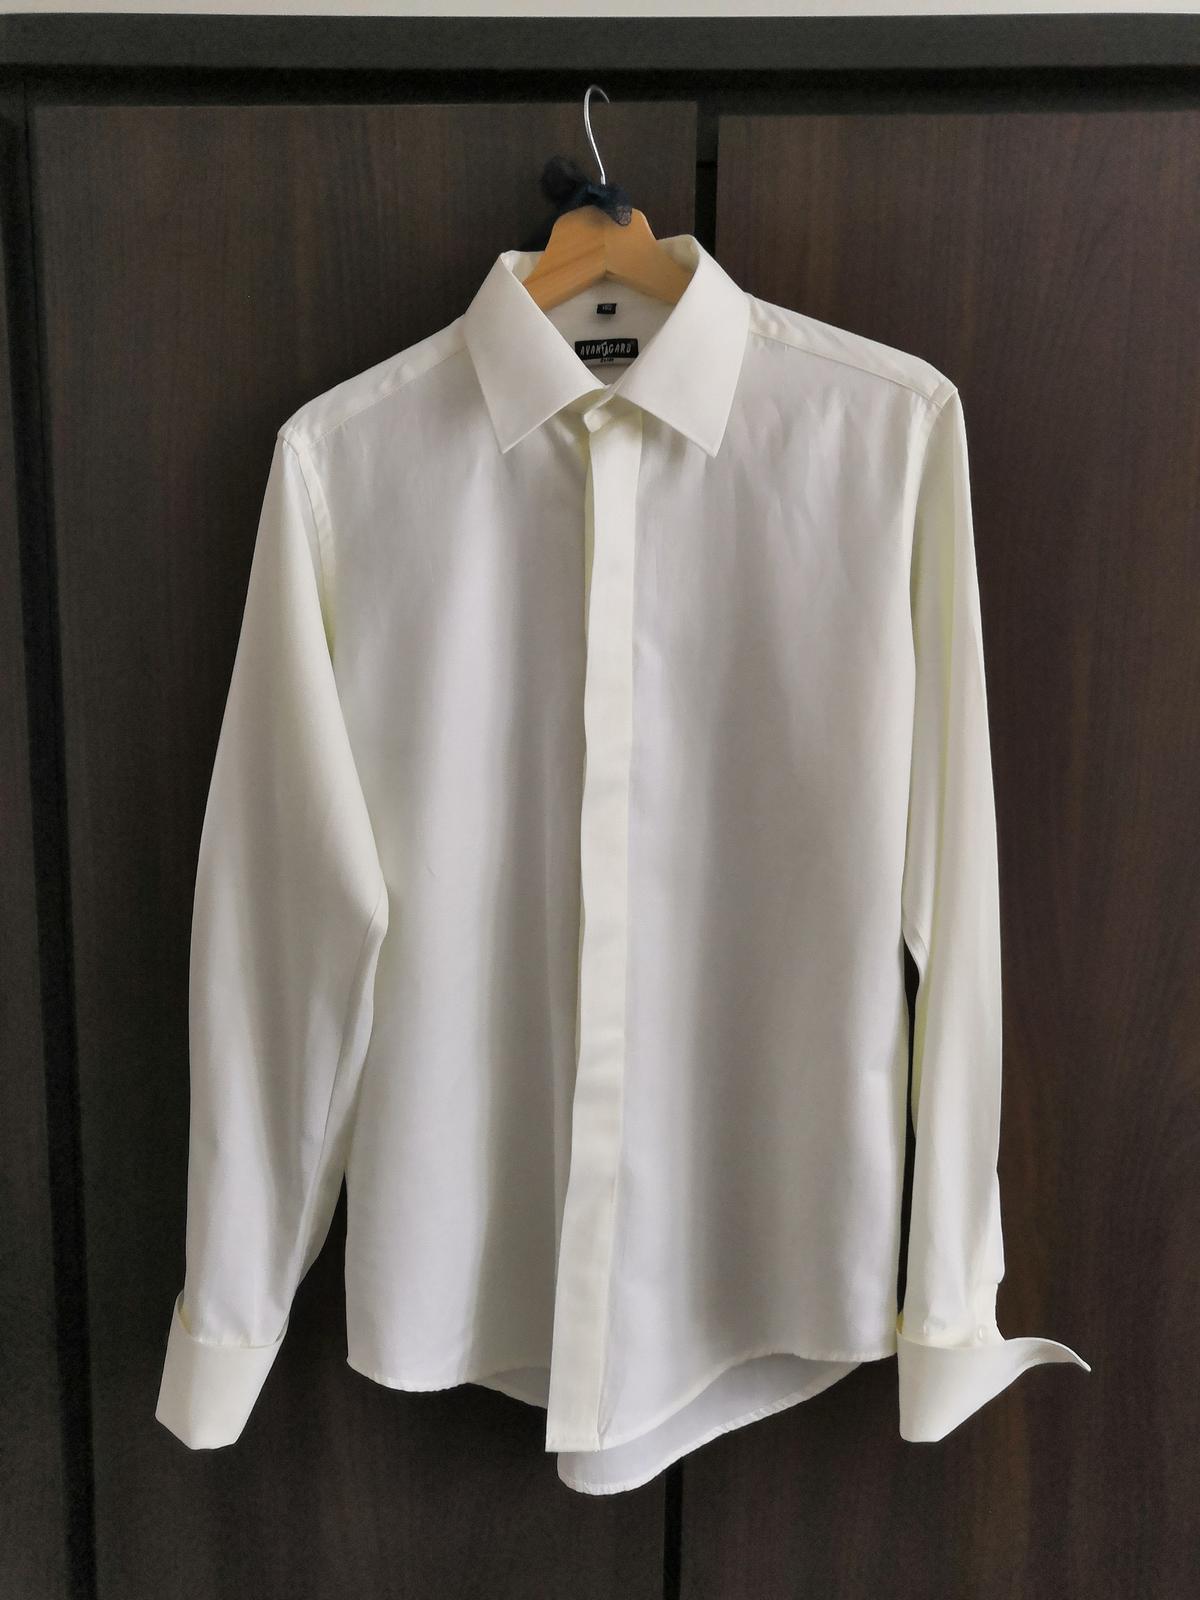 svatební košile, manžetové knoflíčky, krytá léga - Obrázek č. 1